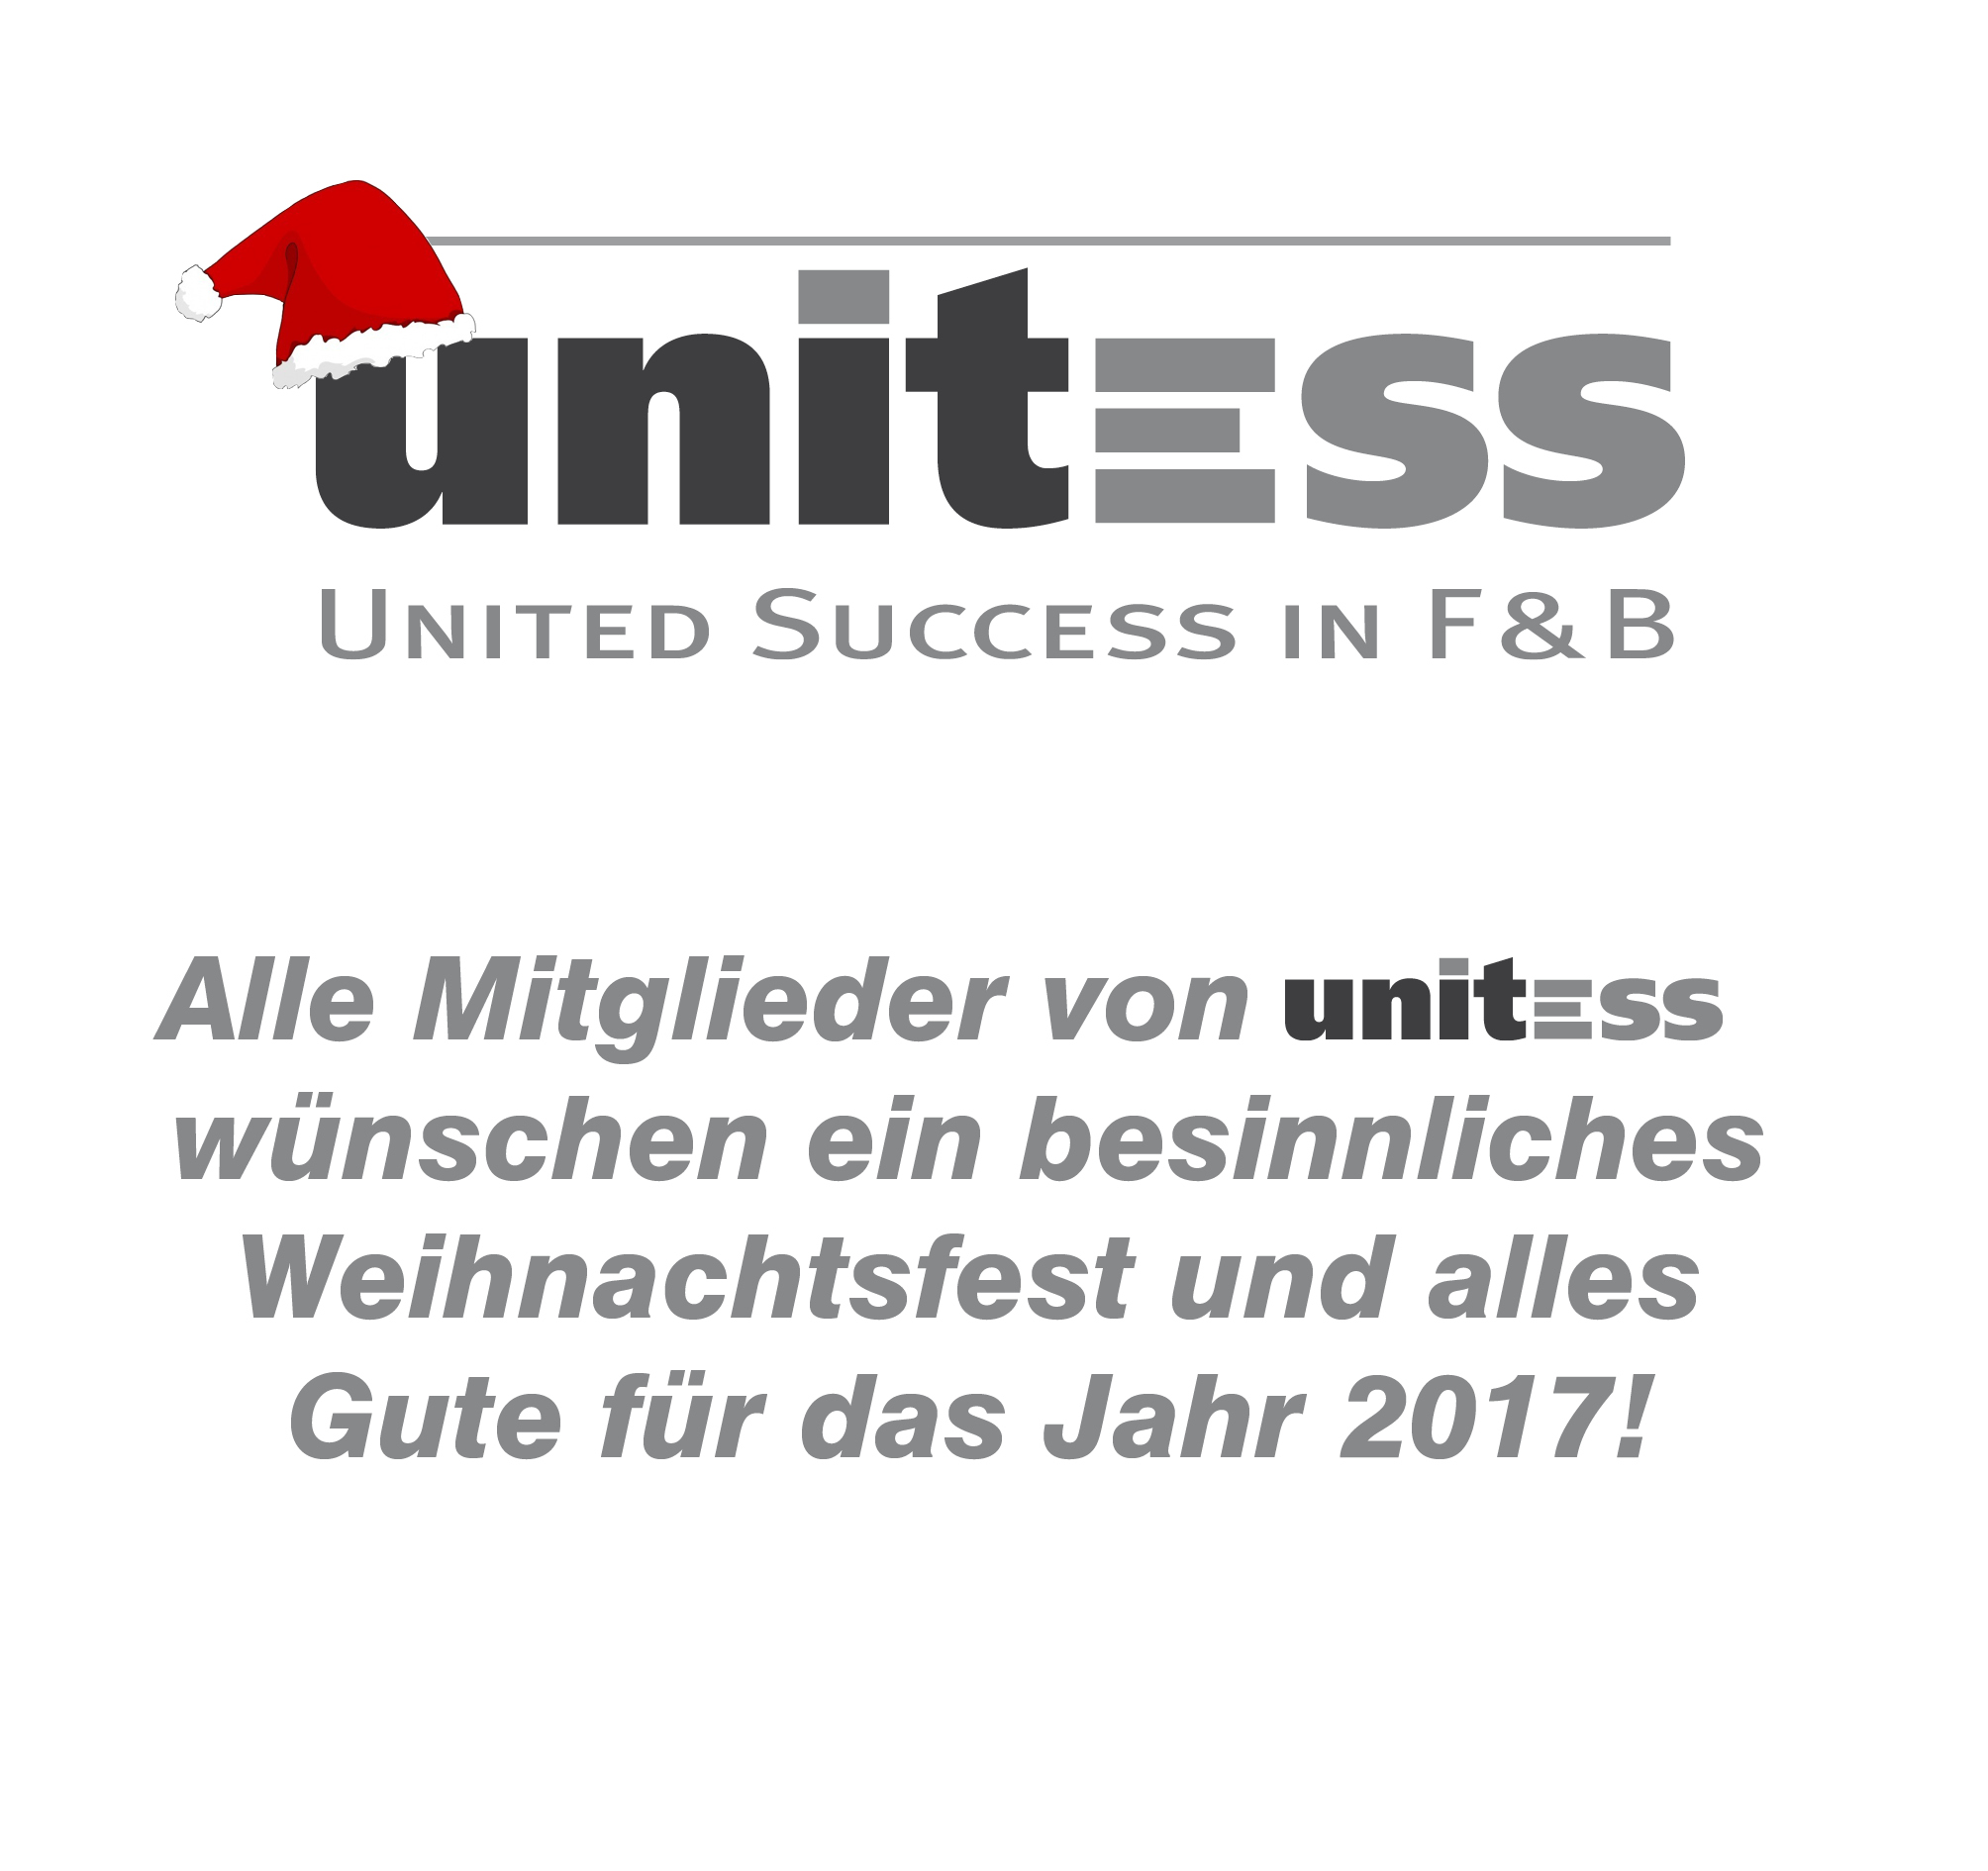 Weihnachten Unitess 2016 in Zum Jahresende ...